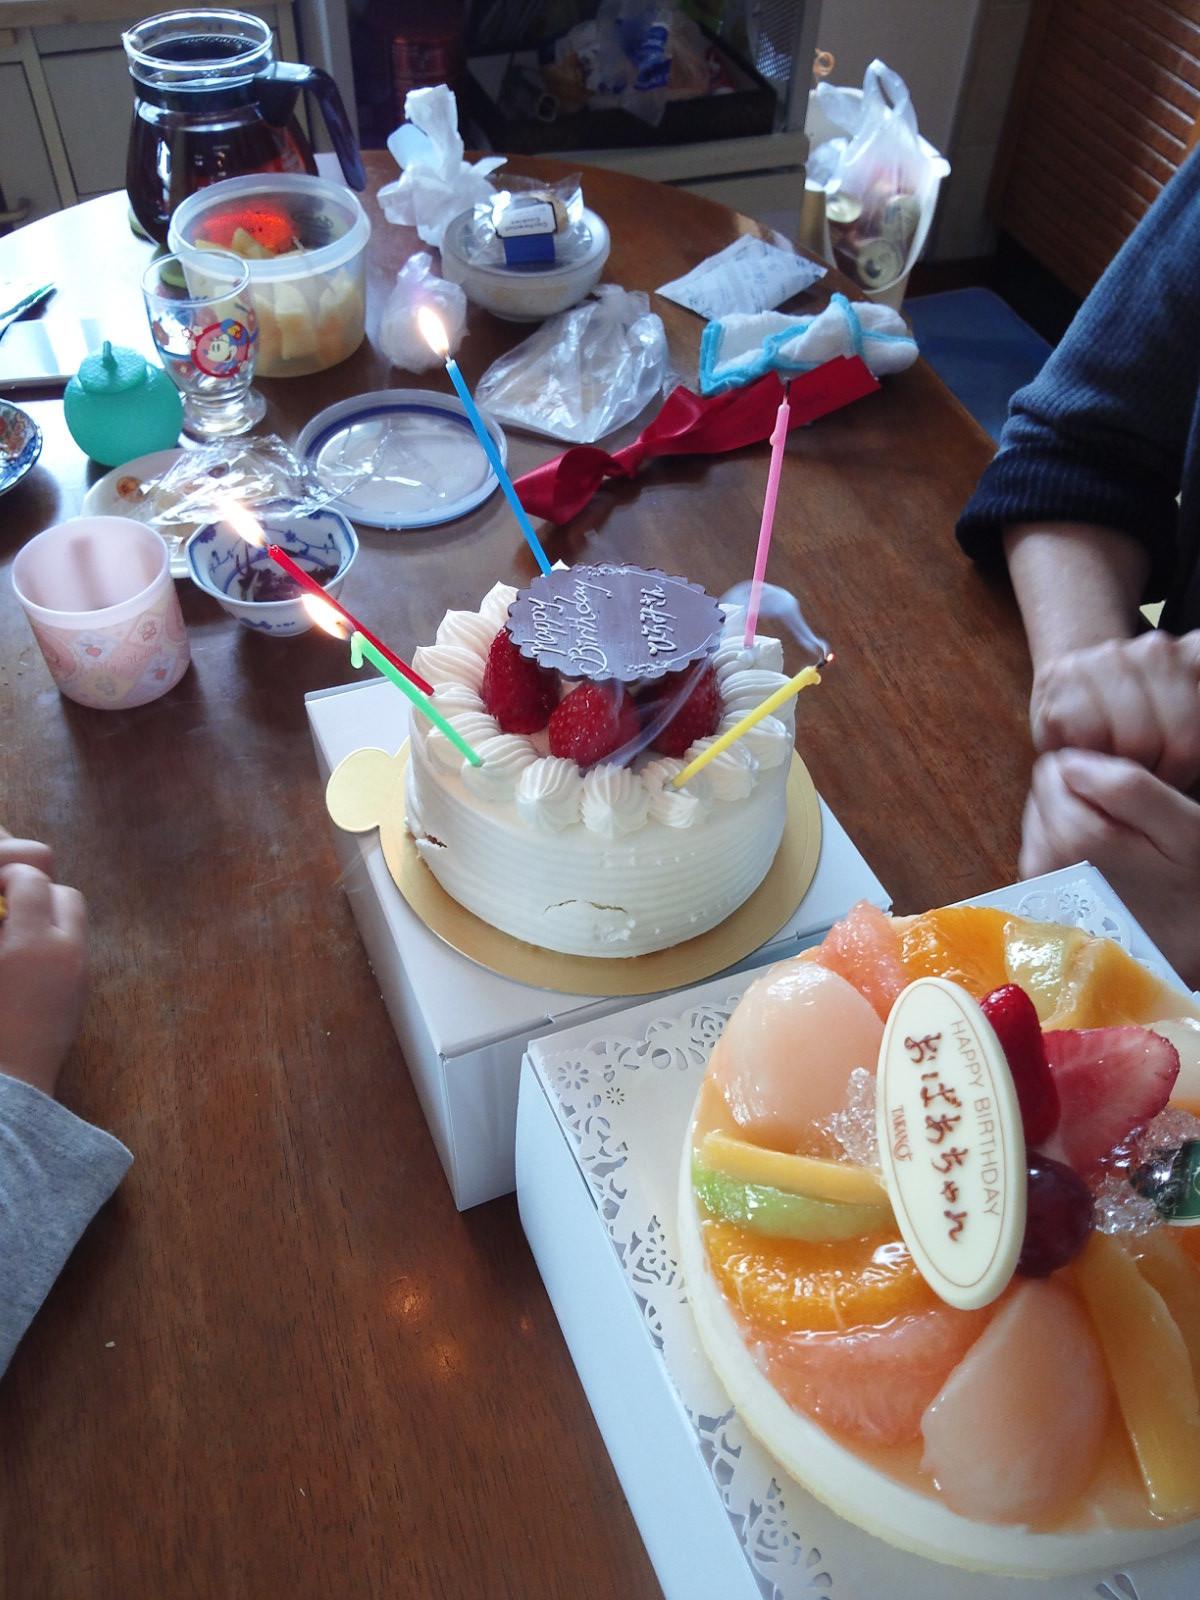 妻のn回目の誕生日